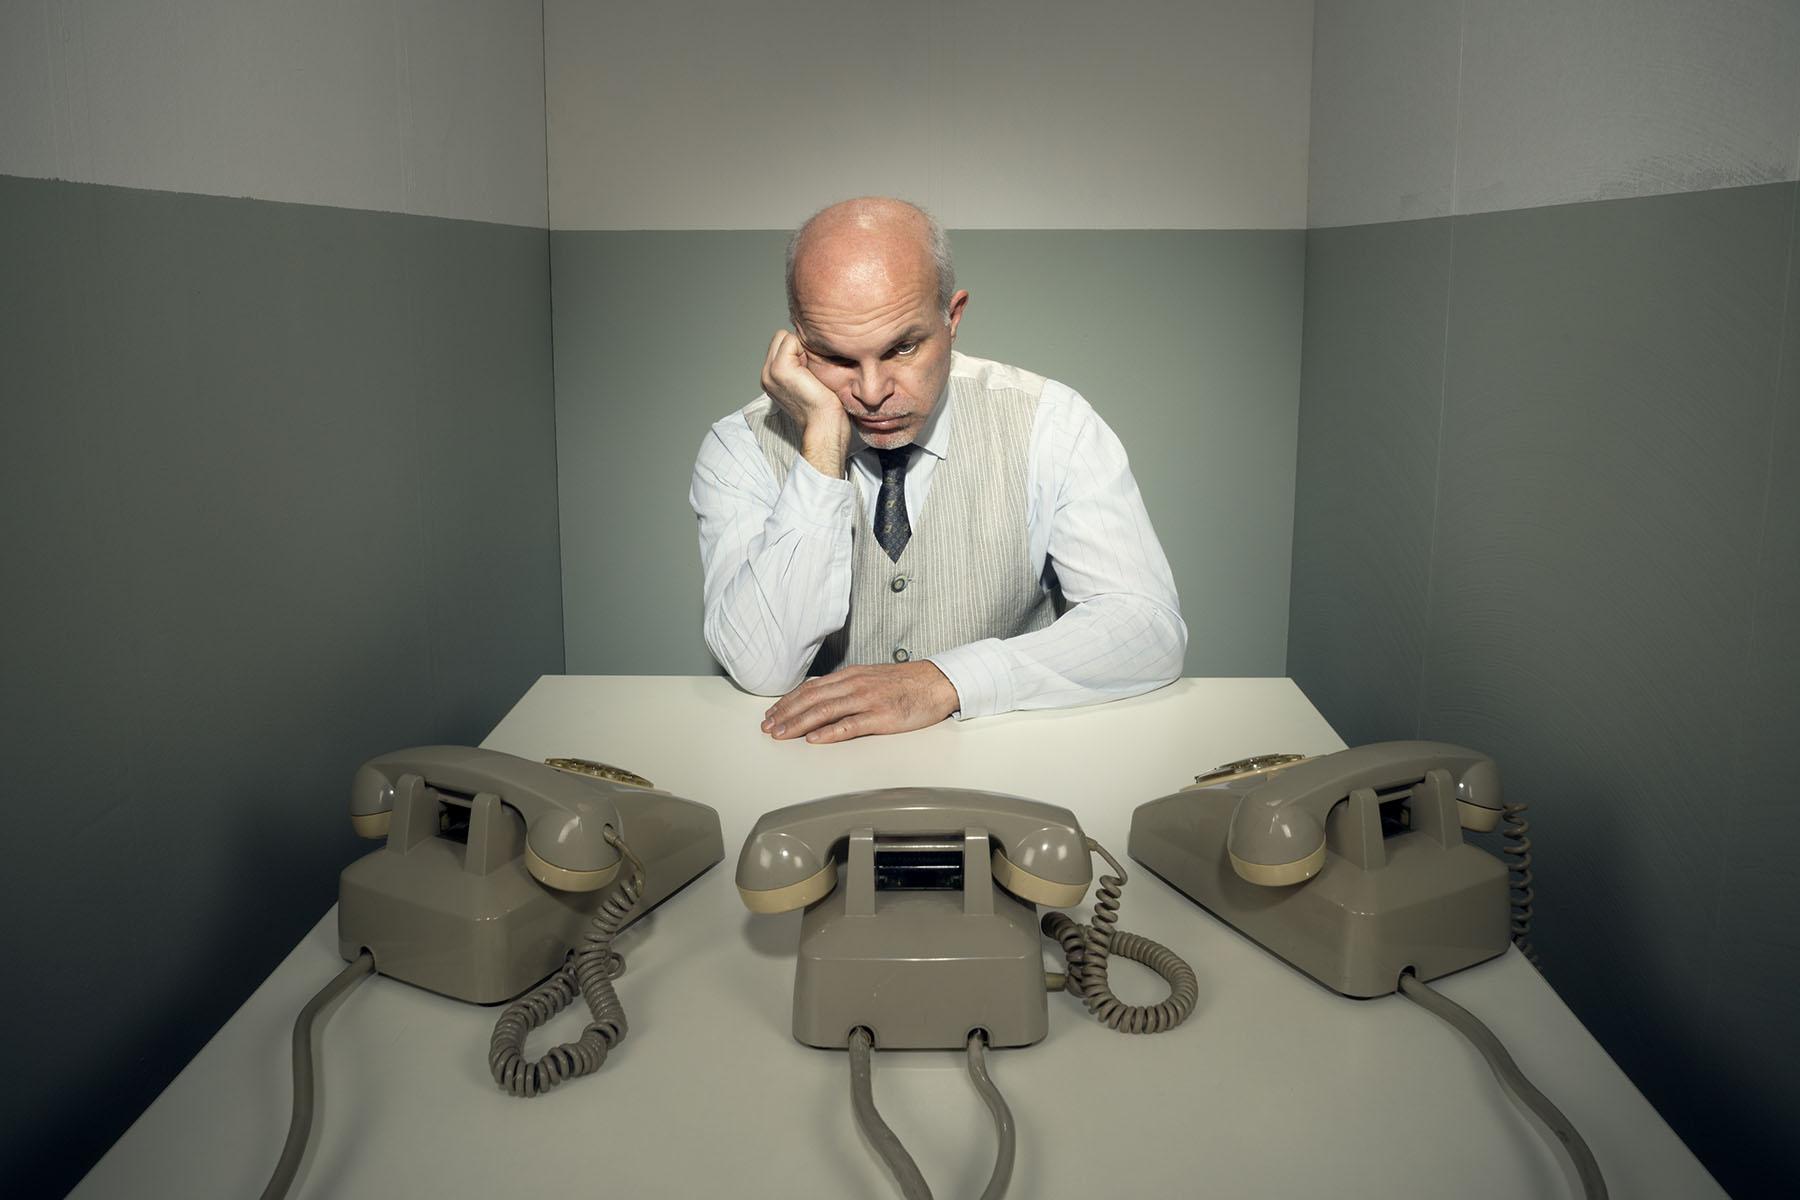 ребята картинка мужчина ждет телефонный звонок суть одна